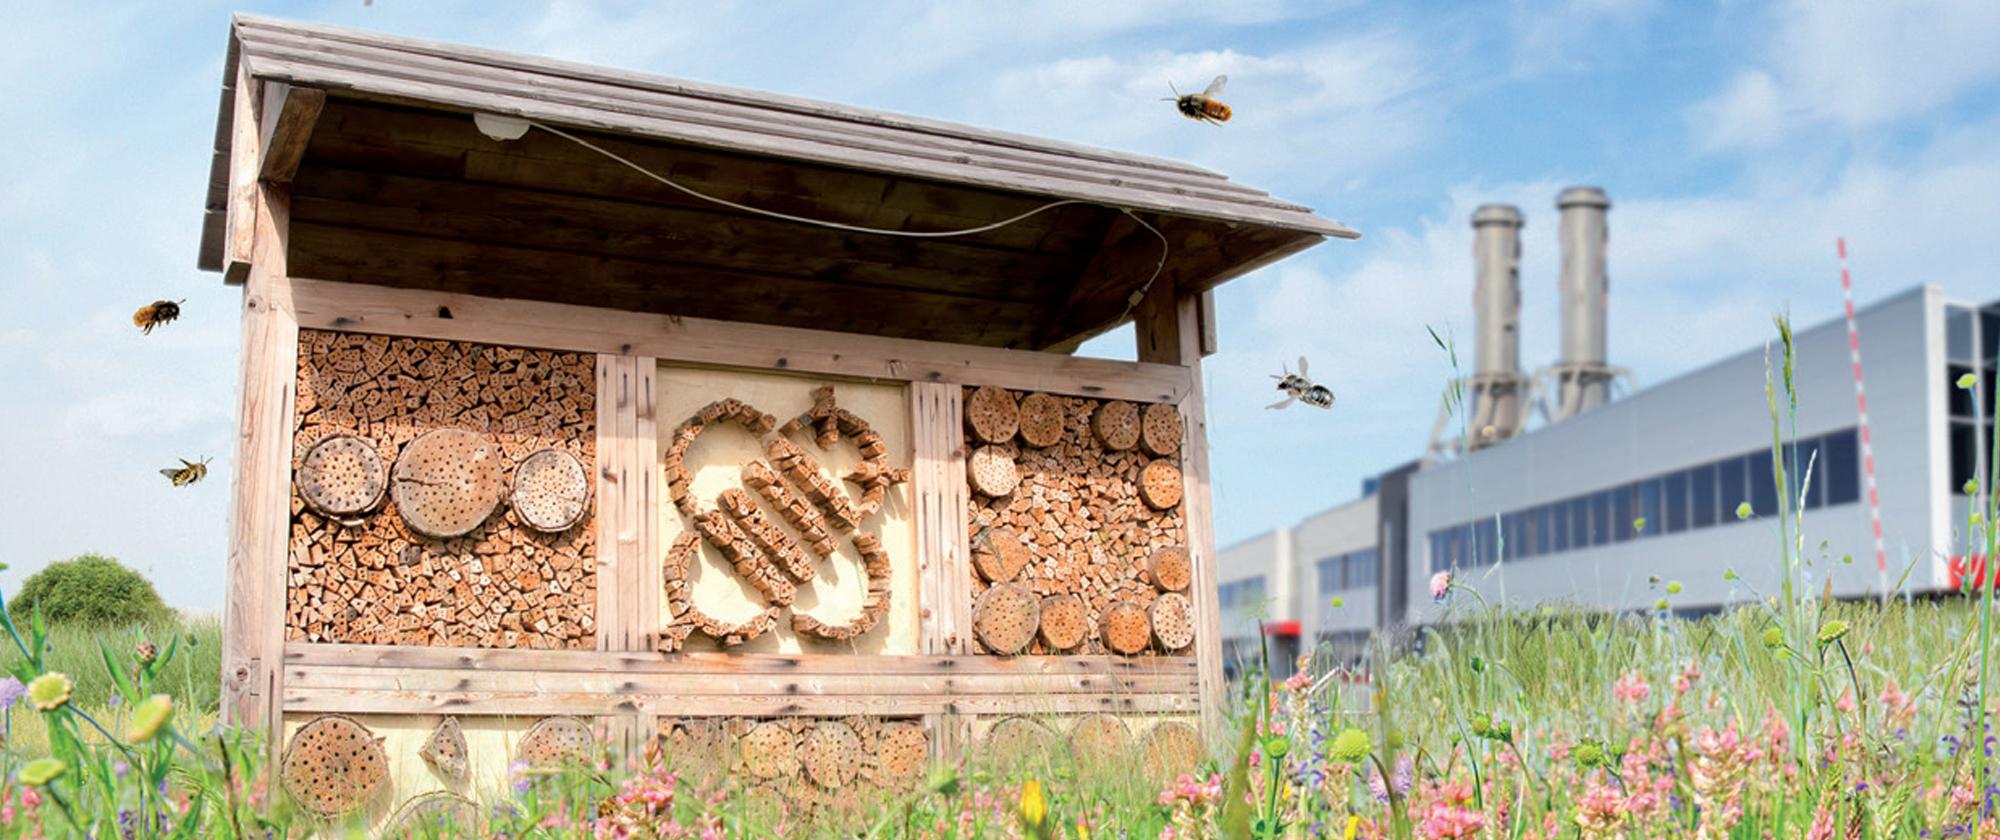 Aan de slag voor bijen - tips voor bedrijven